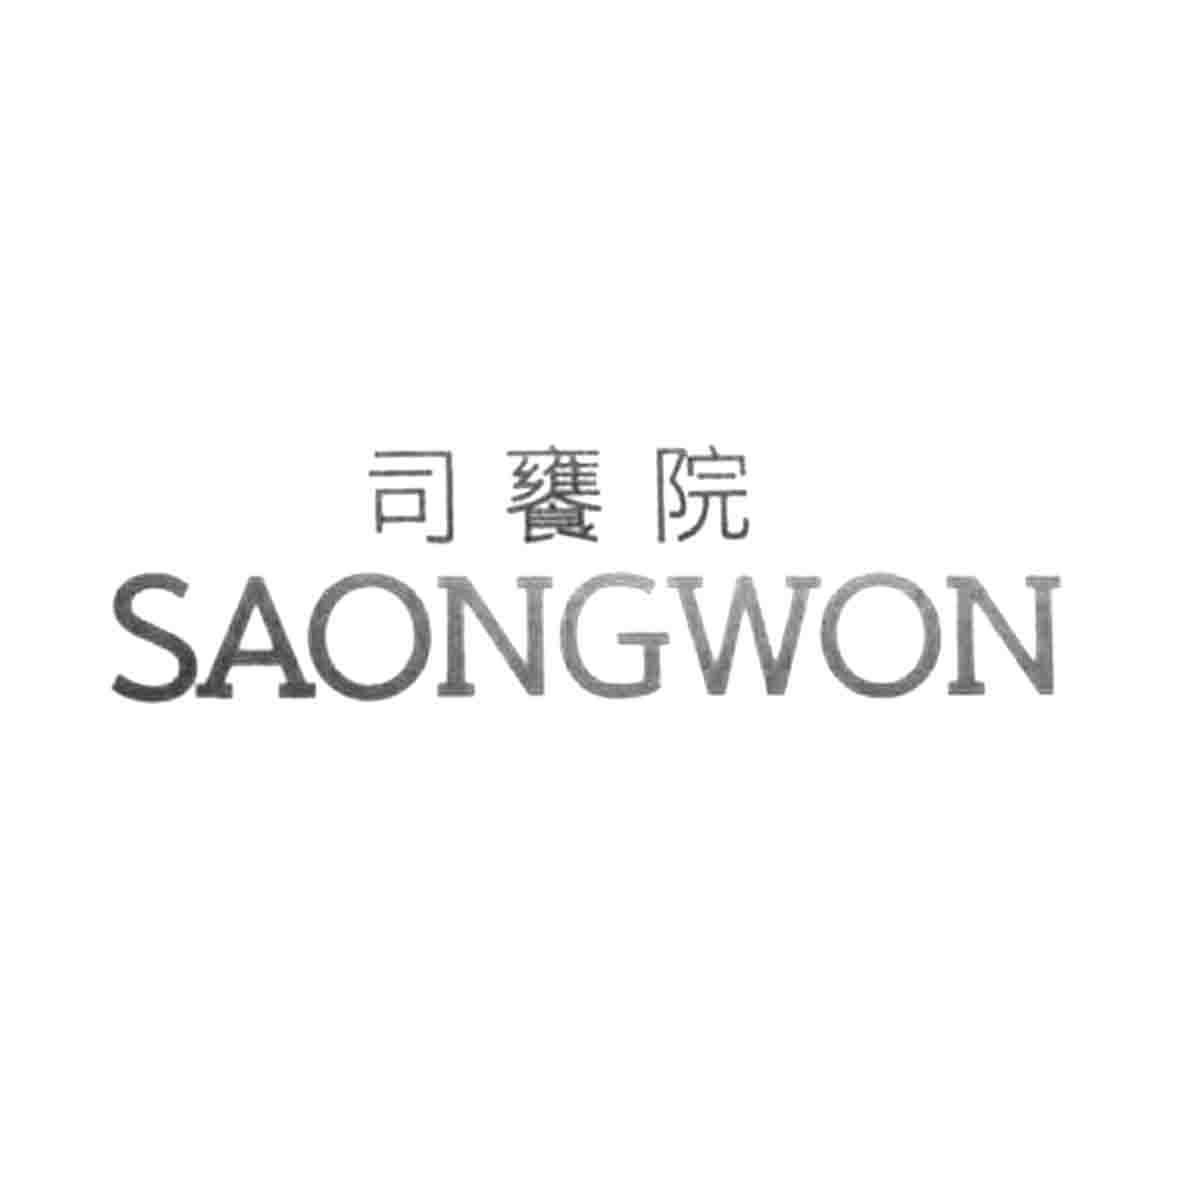 转让商标-司饔院 SAONGWON